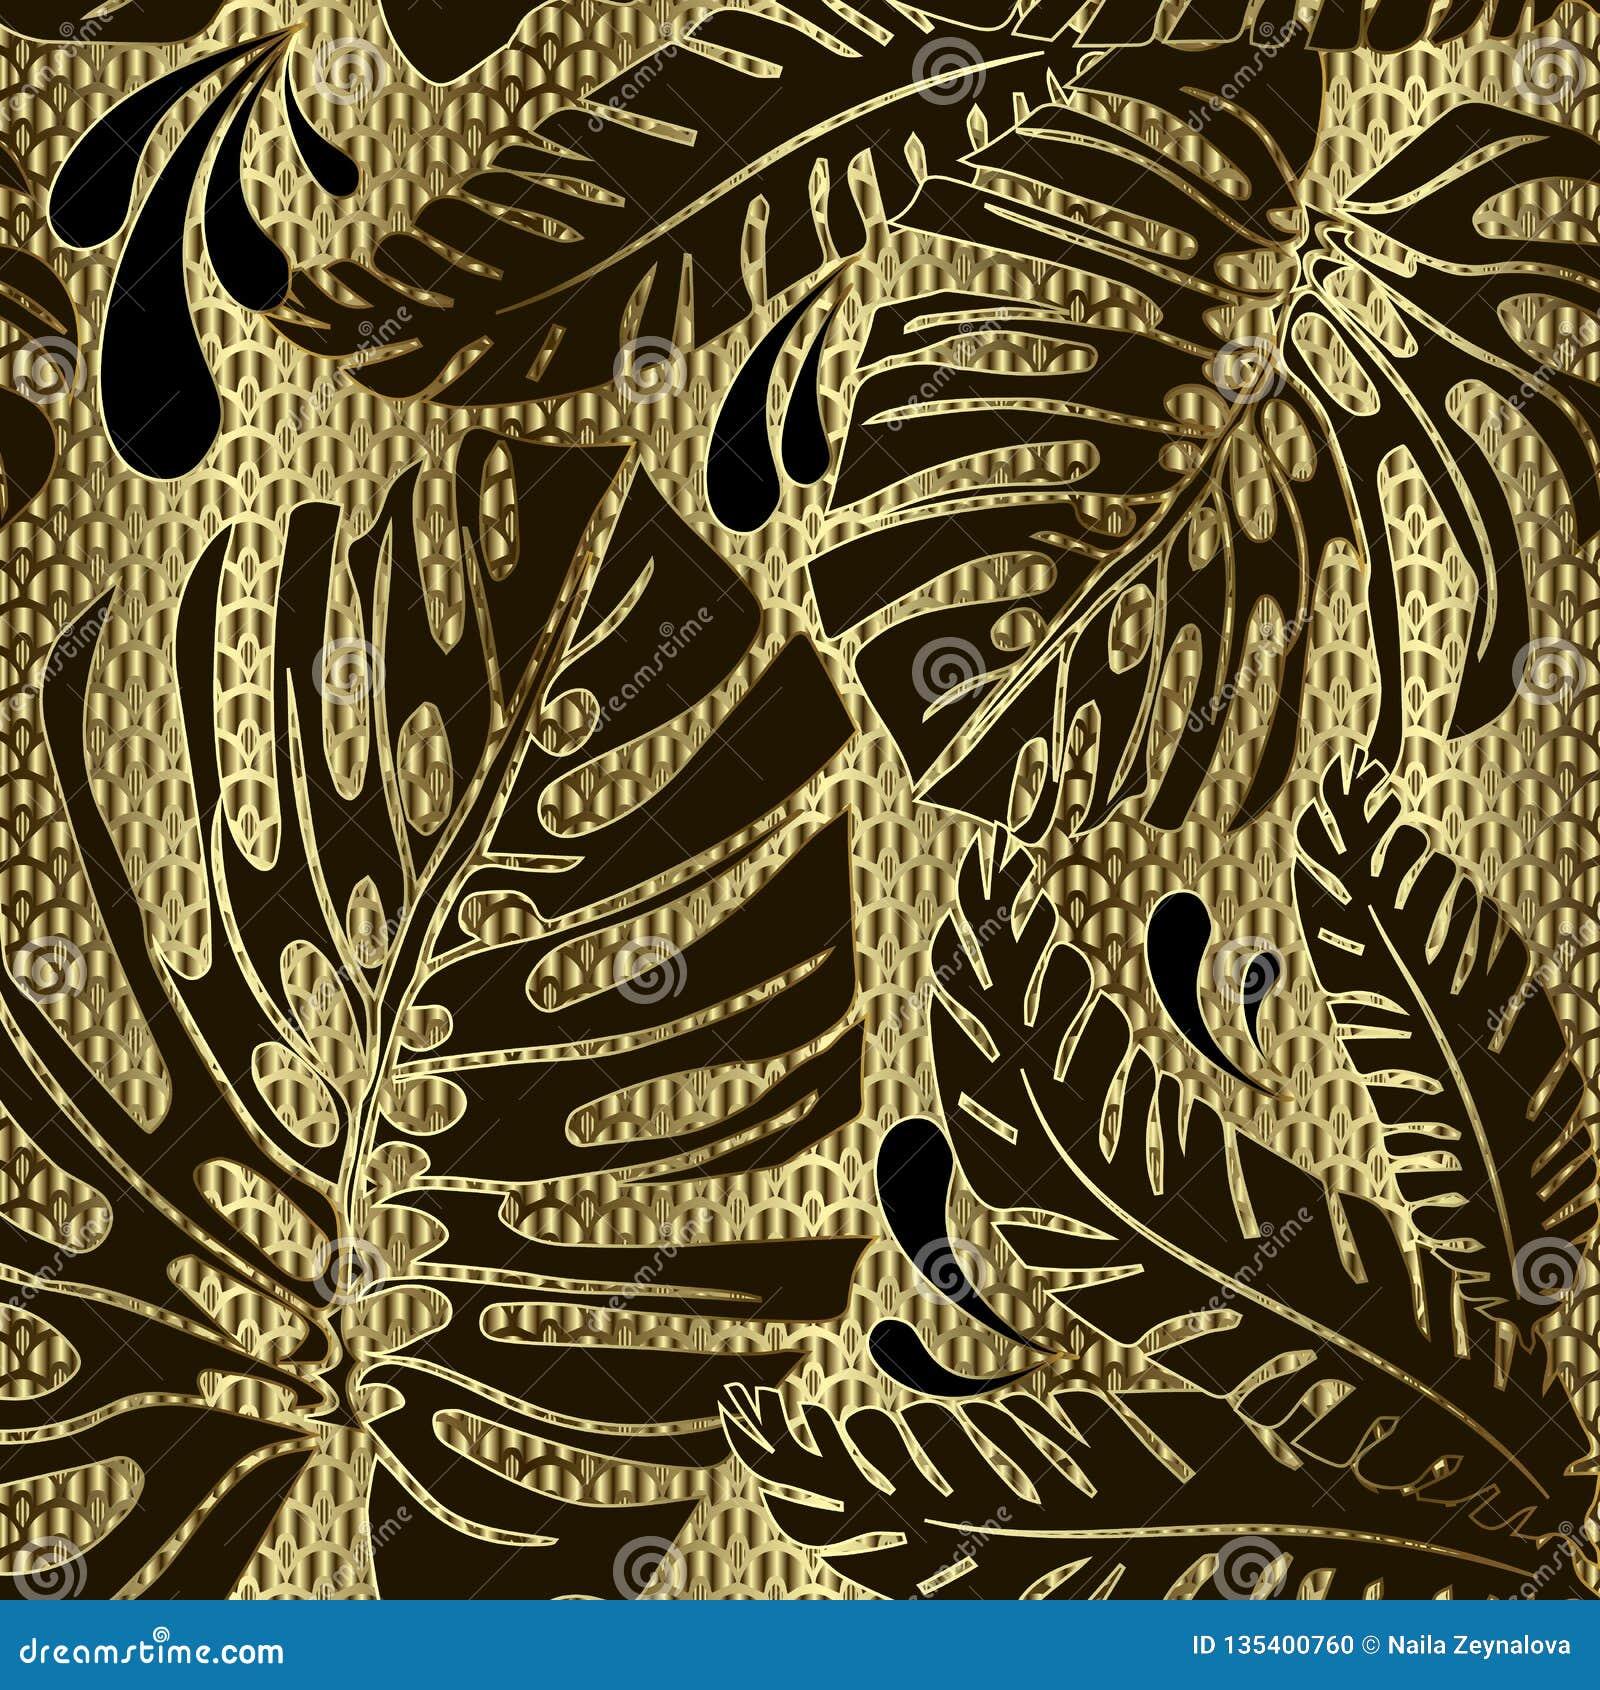 Modelo inconsútil del vector adornado de las hojas de palma Fondo texturizado enrejado ornamental 3d de la rejilla del oro Cordón